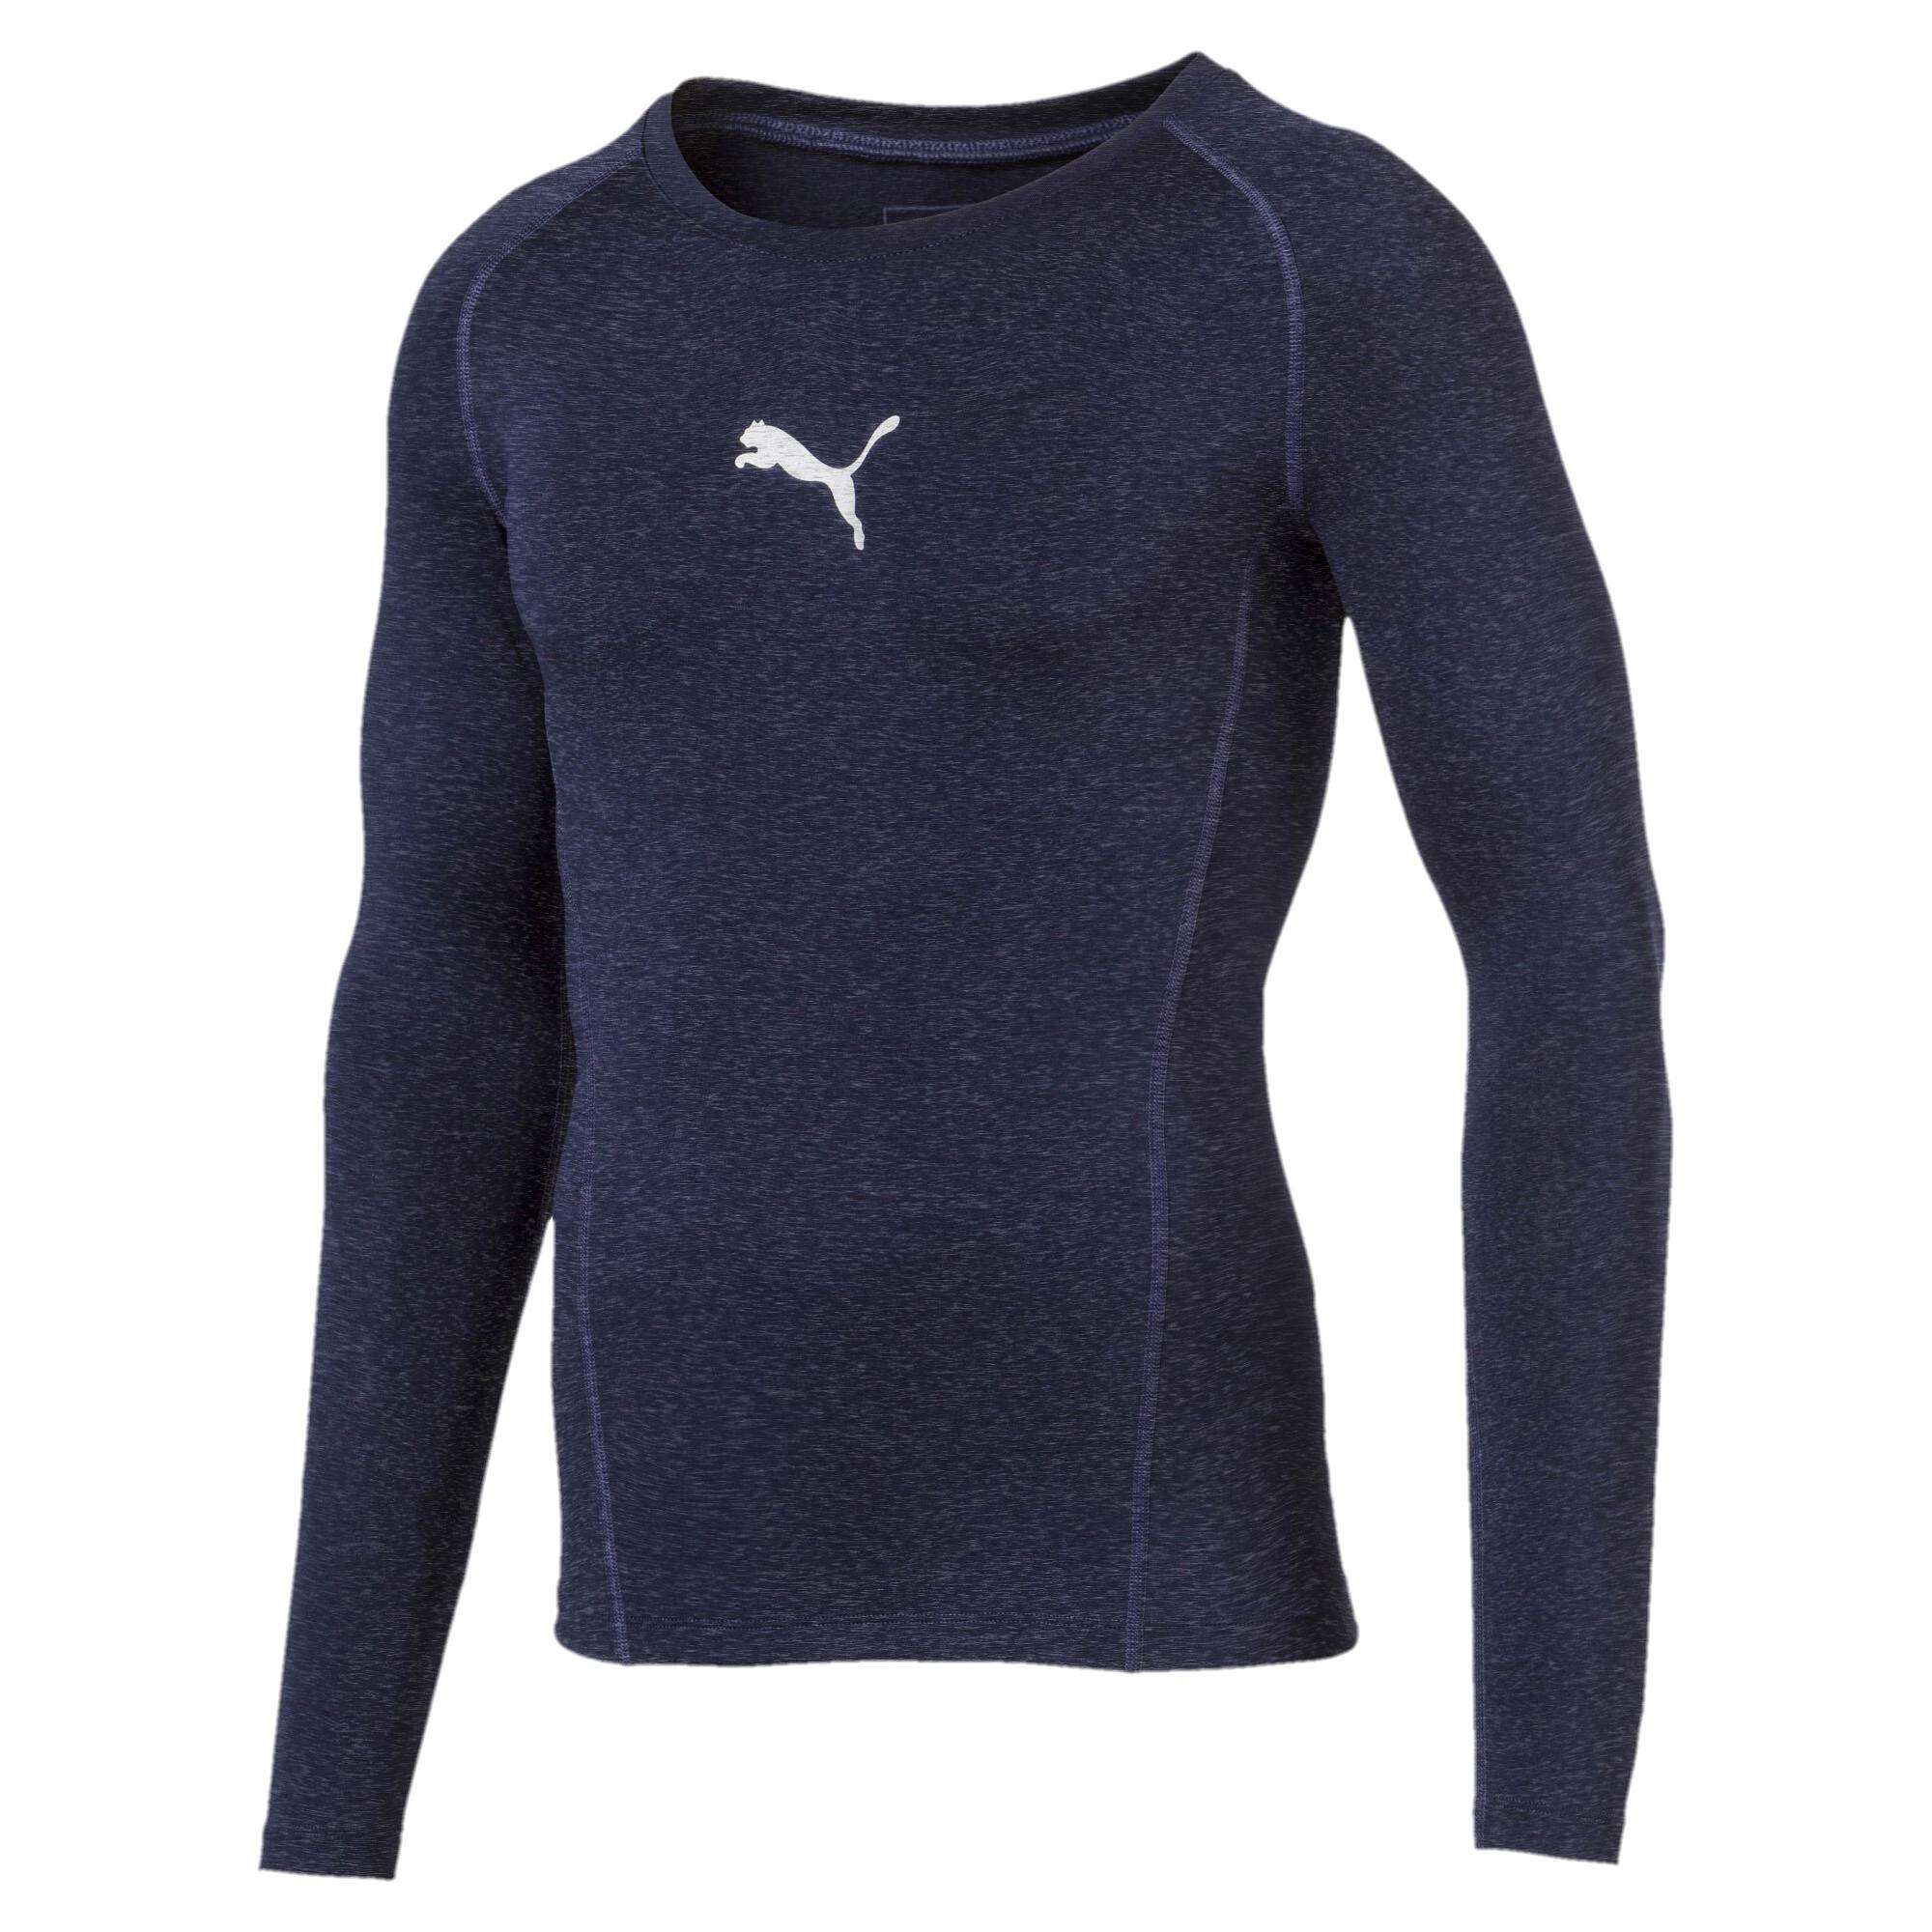 【プーマ公式通販】 プーマ テック ライト LS ヘザー Tシャツ (長袖) メンズ Peacoat Heather  PUMA.com